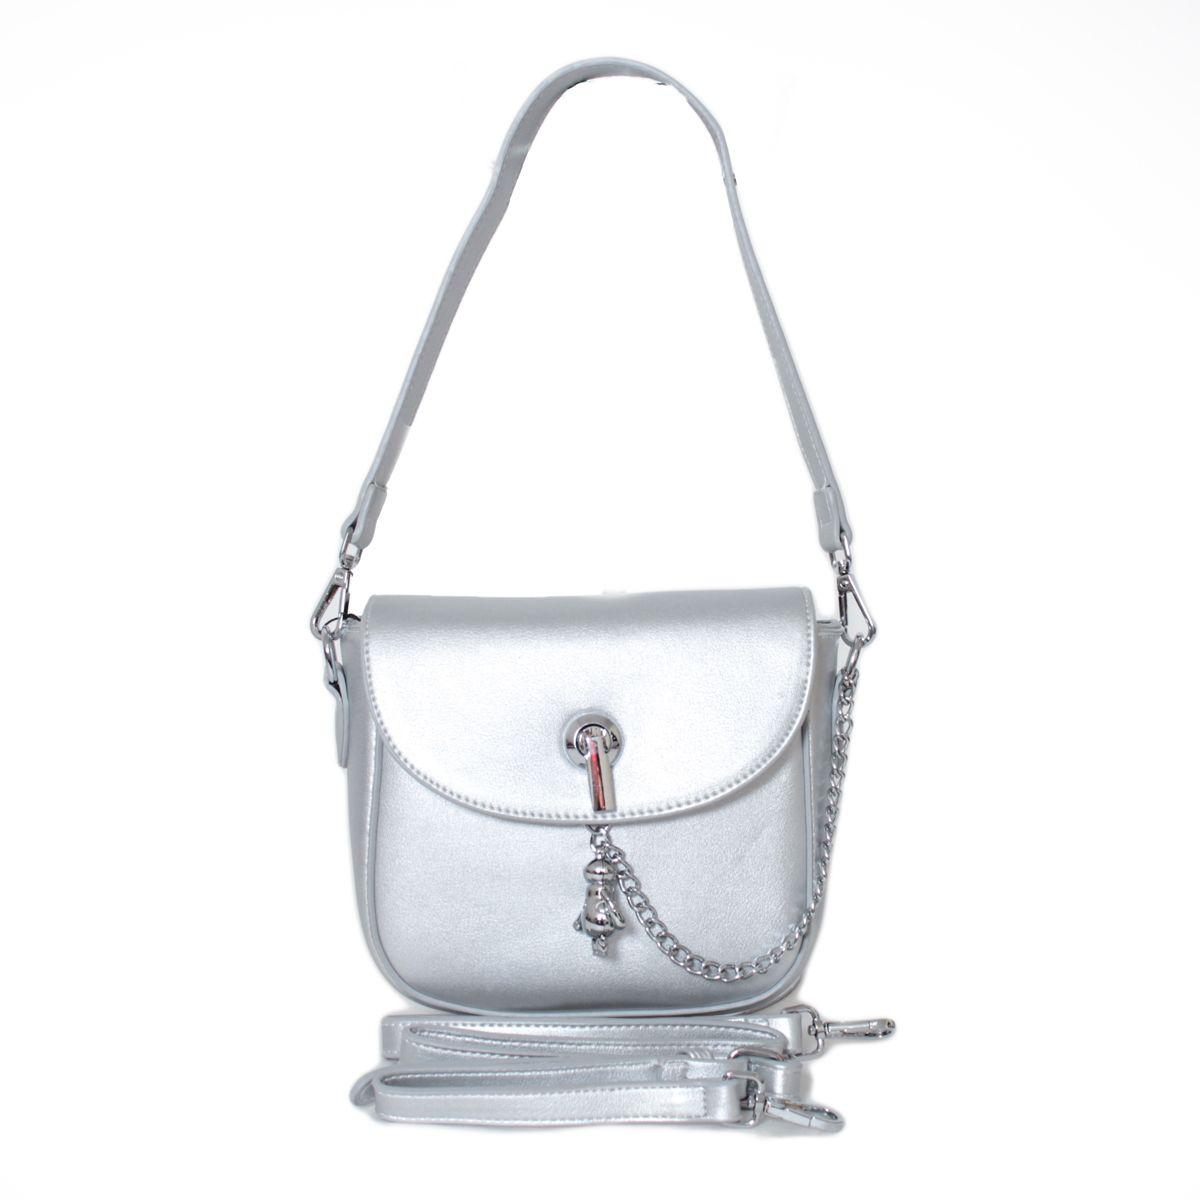 Клатч женский Flioraj, цвет: серый. 88298829 steelЗакрывается на молнию. Внутри одно отделение, два кармана для мобильного телефона, карман на молнии. В комплекте длинный наплечный ремень.